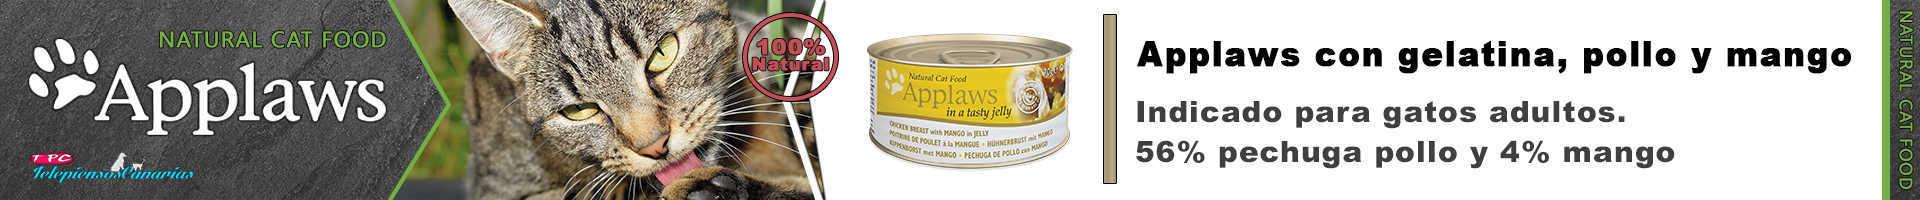 Applaws lata con gelatina, pollo 56% y mango 4%